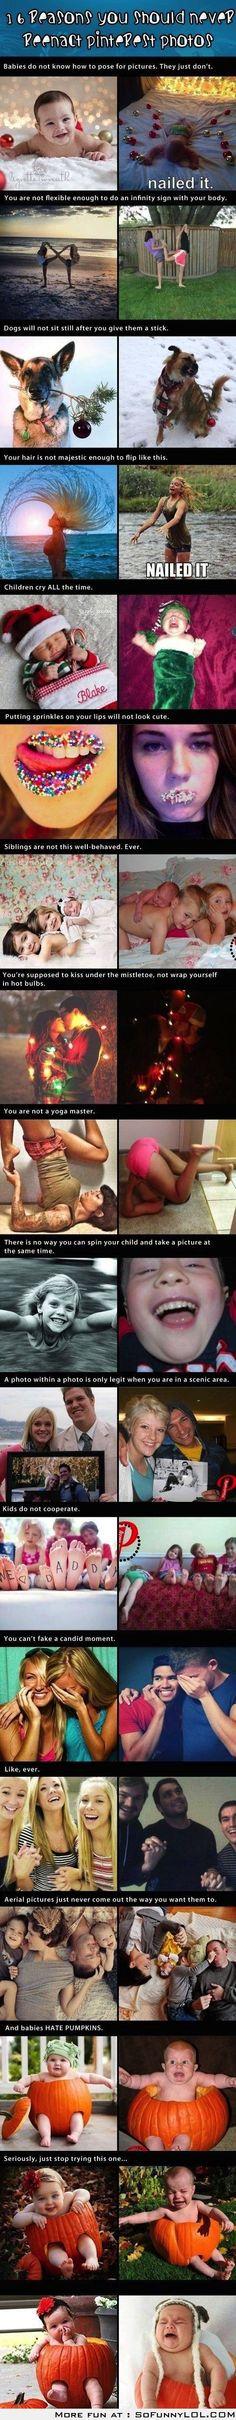 16 Reasons You Should No Reenact Pinterest Photos. LOL  Nailed it.